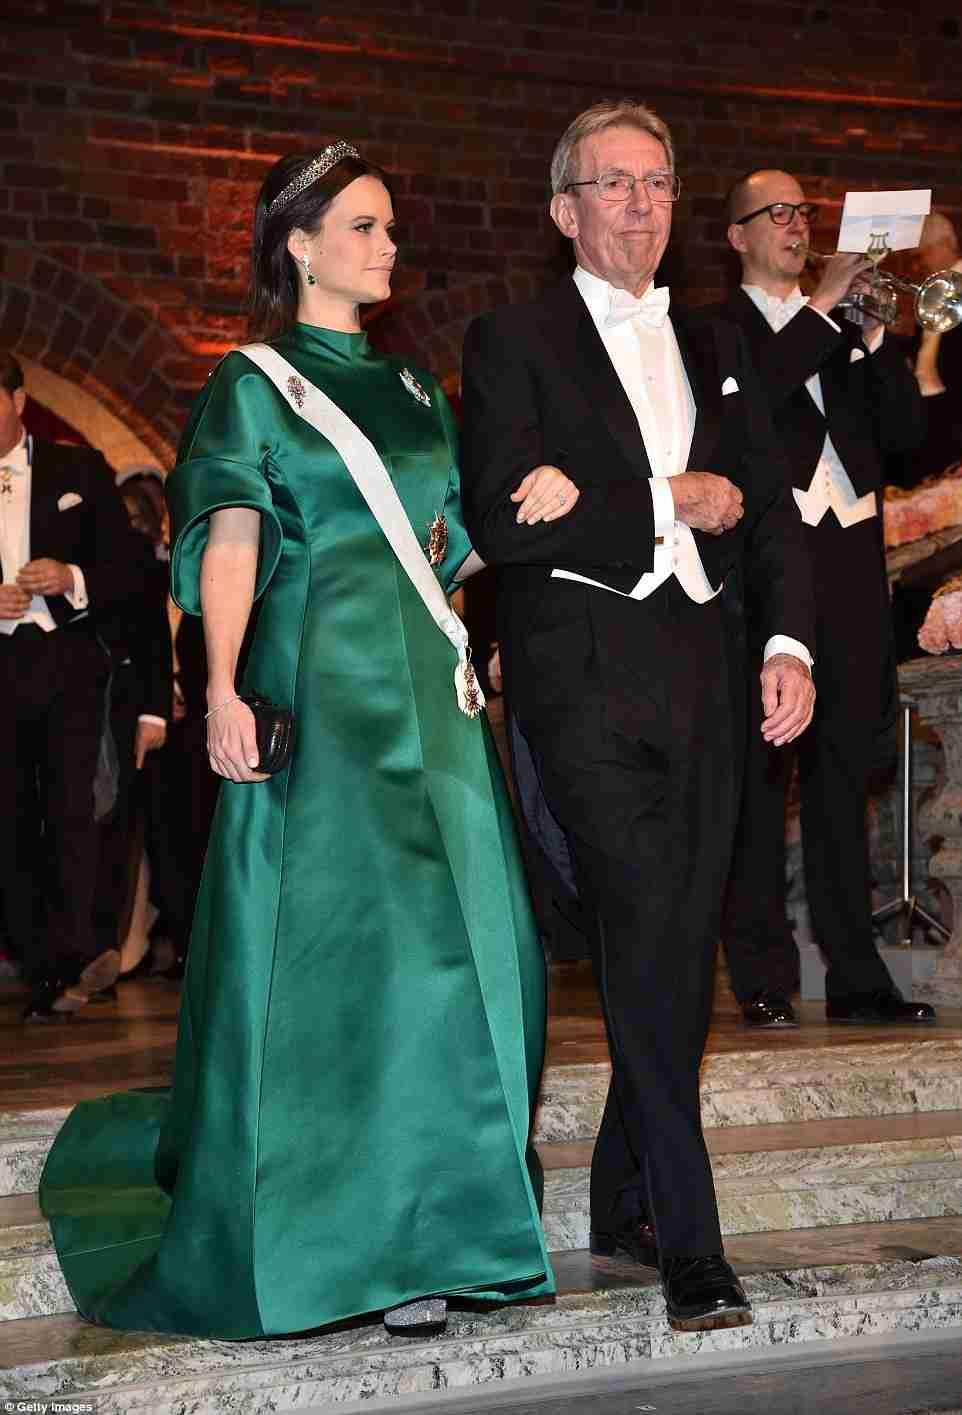 ヘンリー王子婚約者メーガン・マークル、トップレス映像流出か